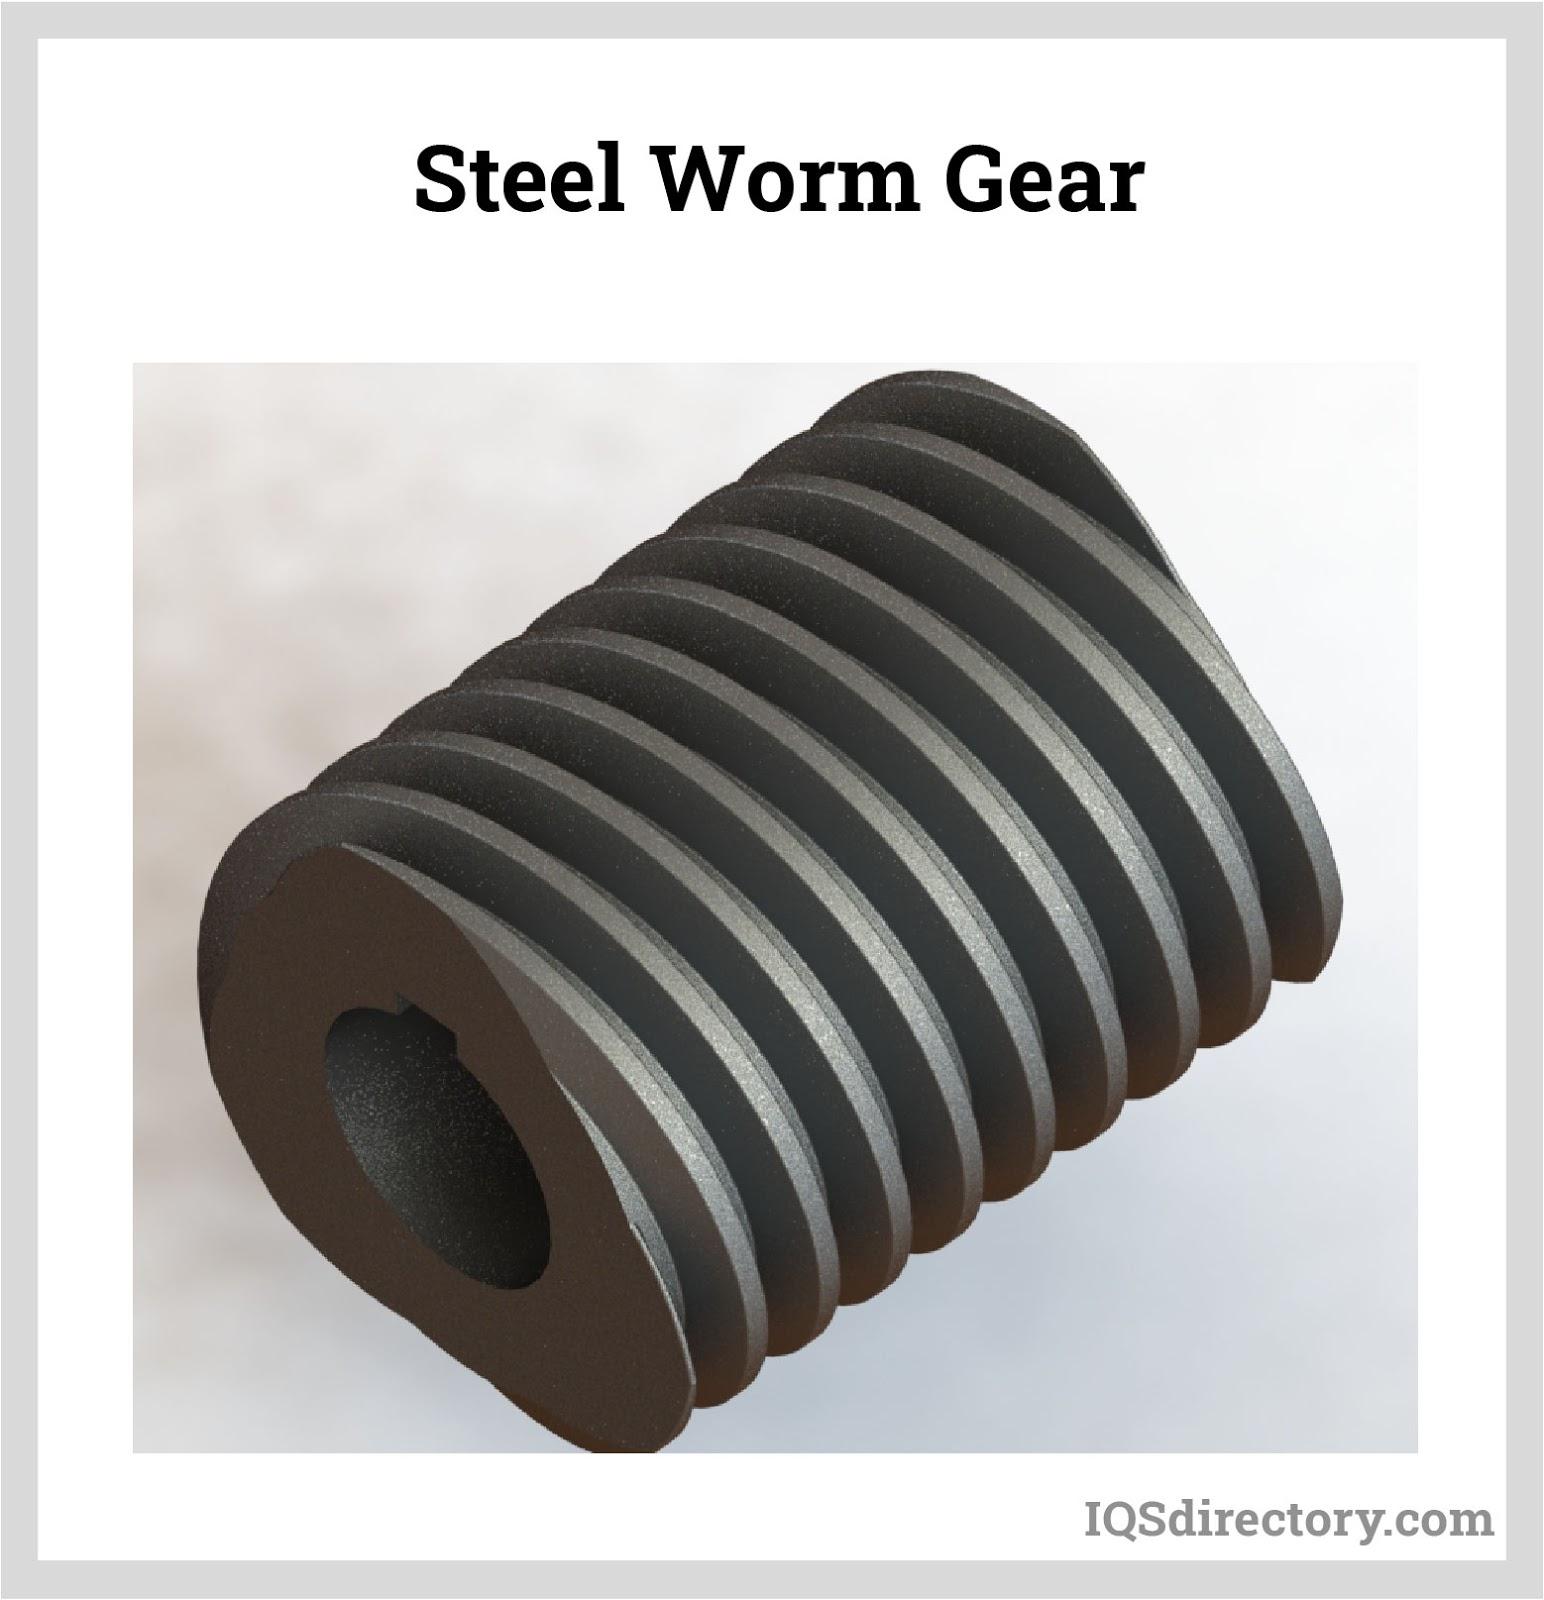 Steel Worm Gear